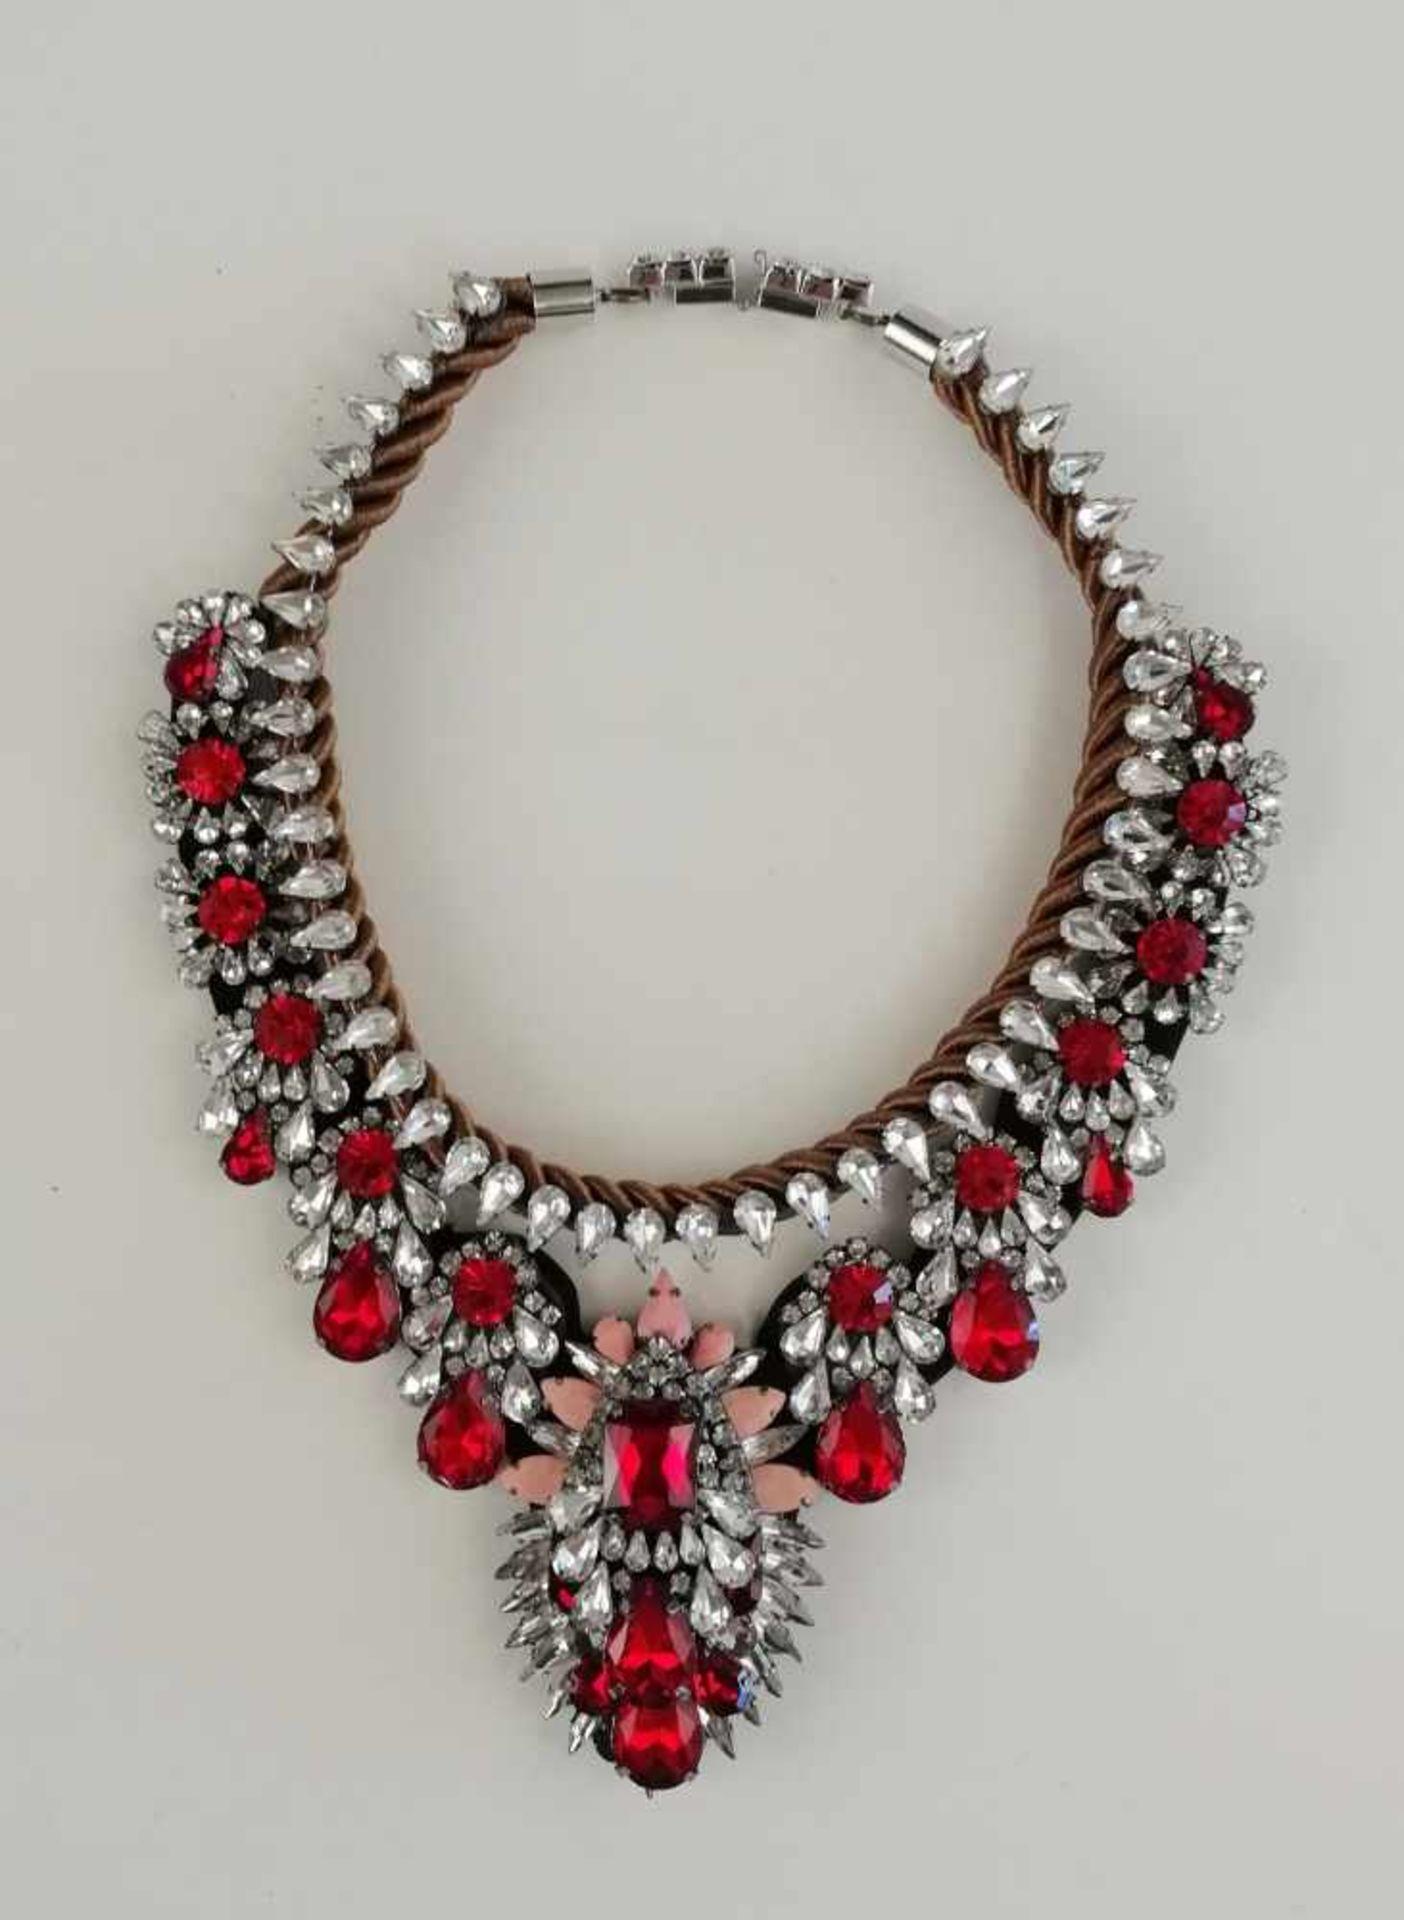 Modeschmuck, Collier unterschiedlich große rote, weiße und pastellrosafarbene Imitationssteine, an